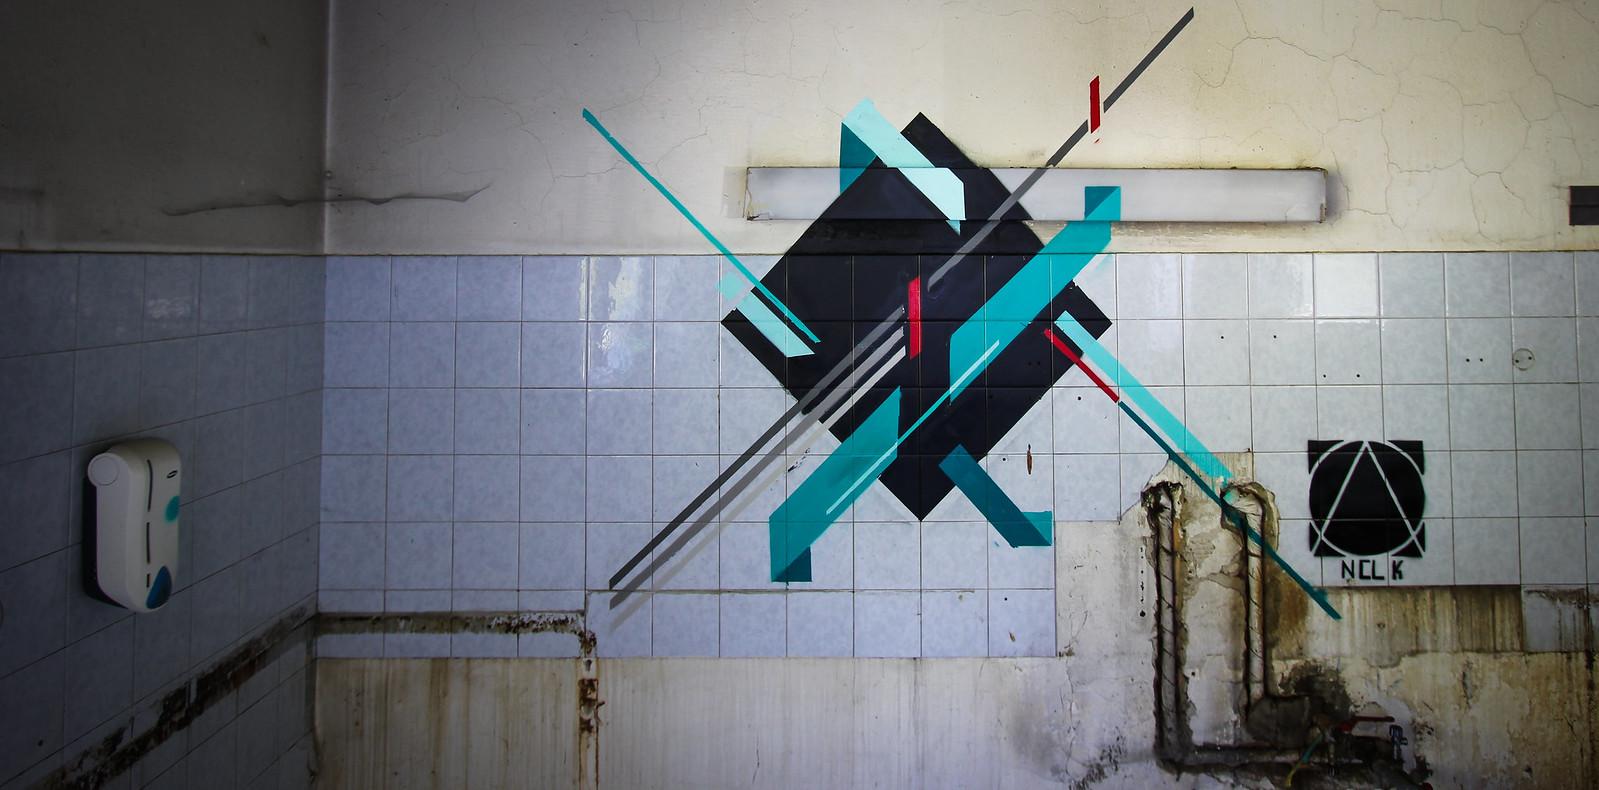 NCL Graphic Streetart